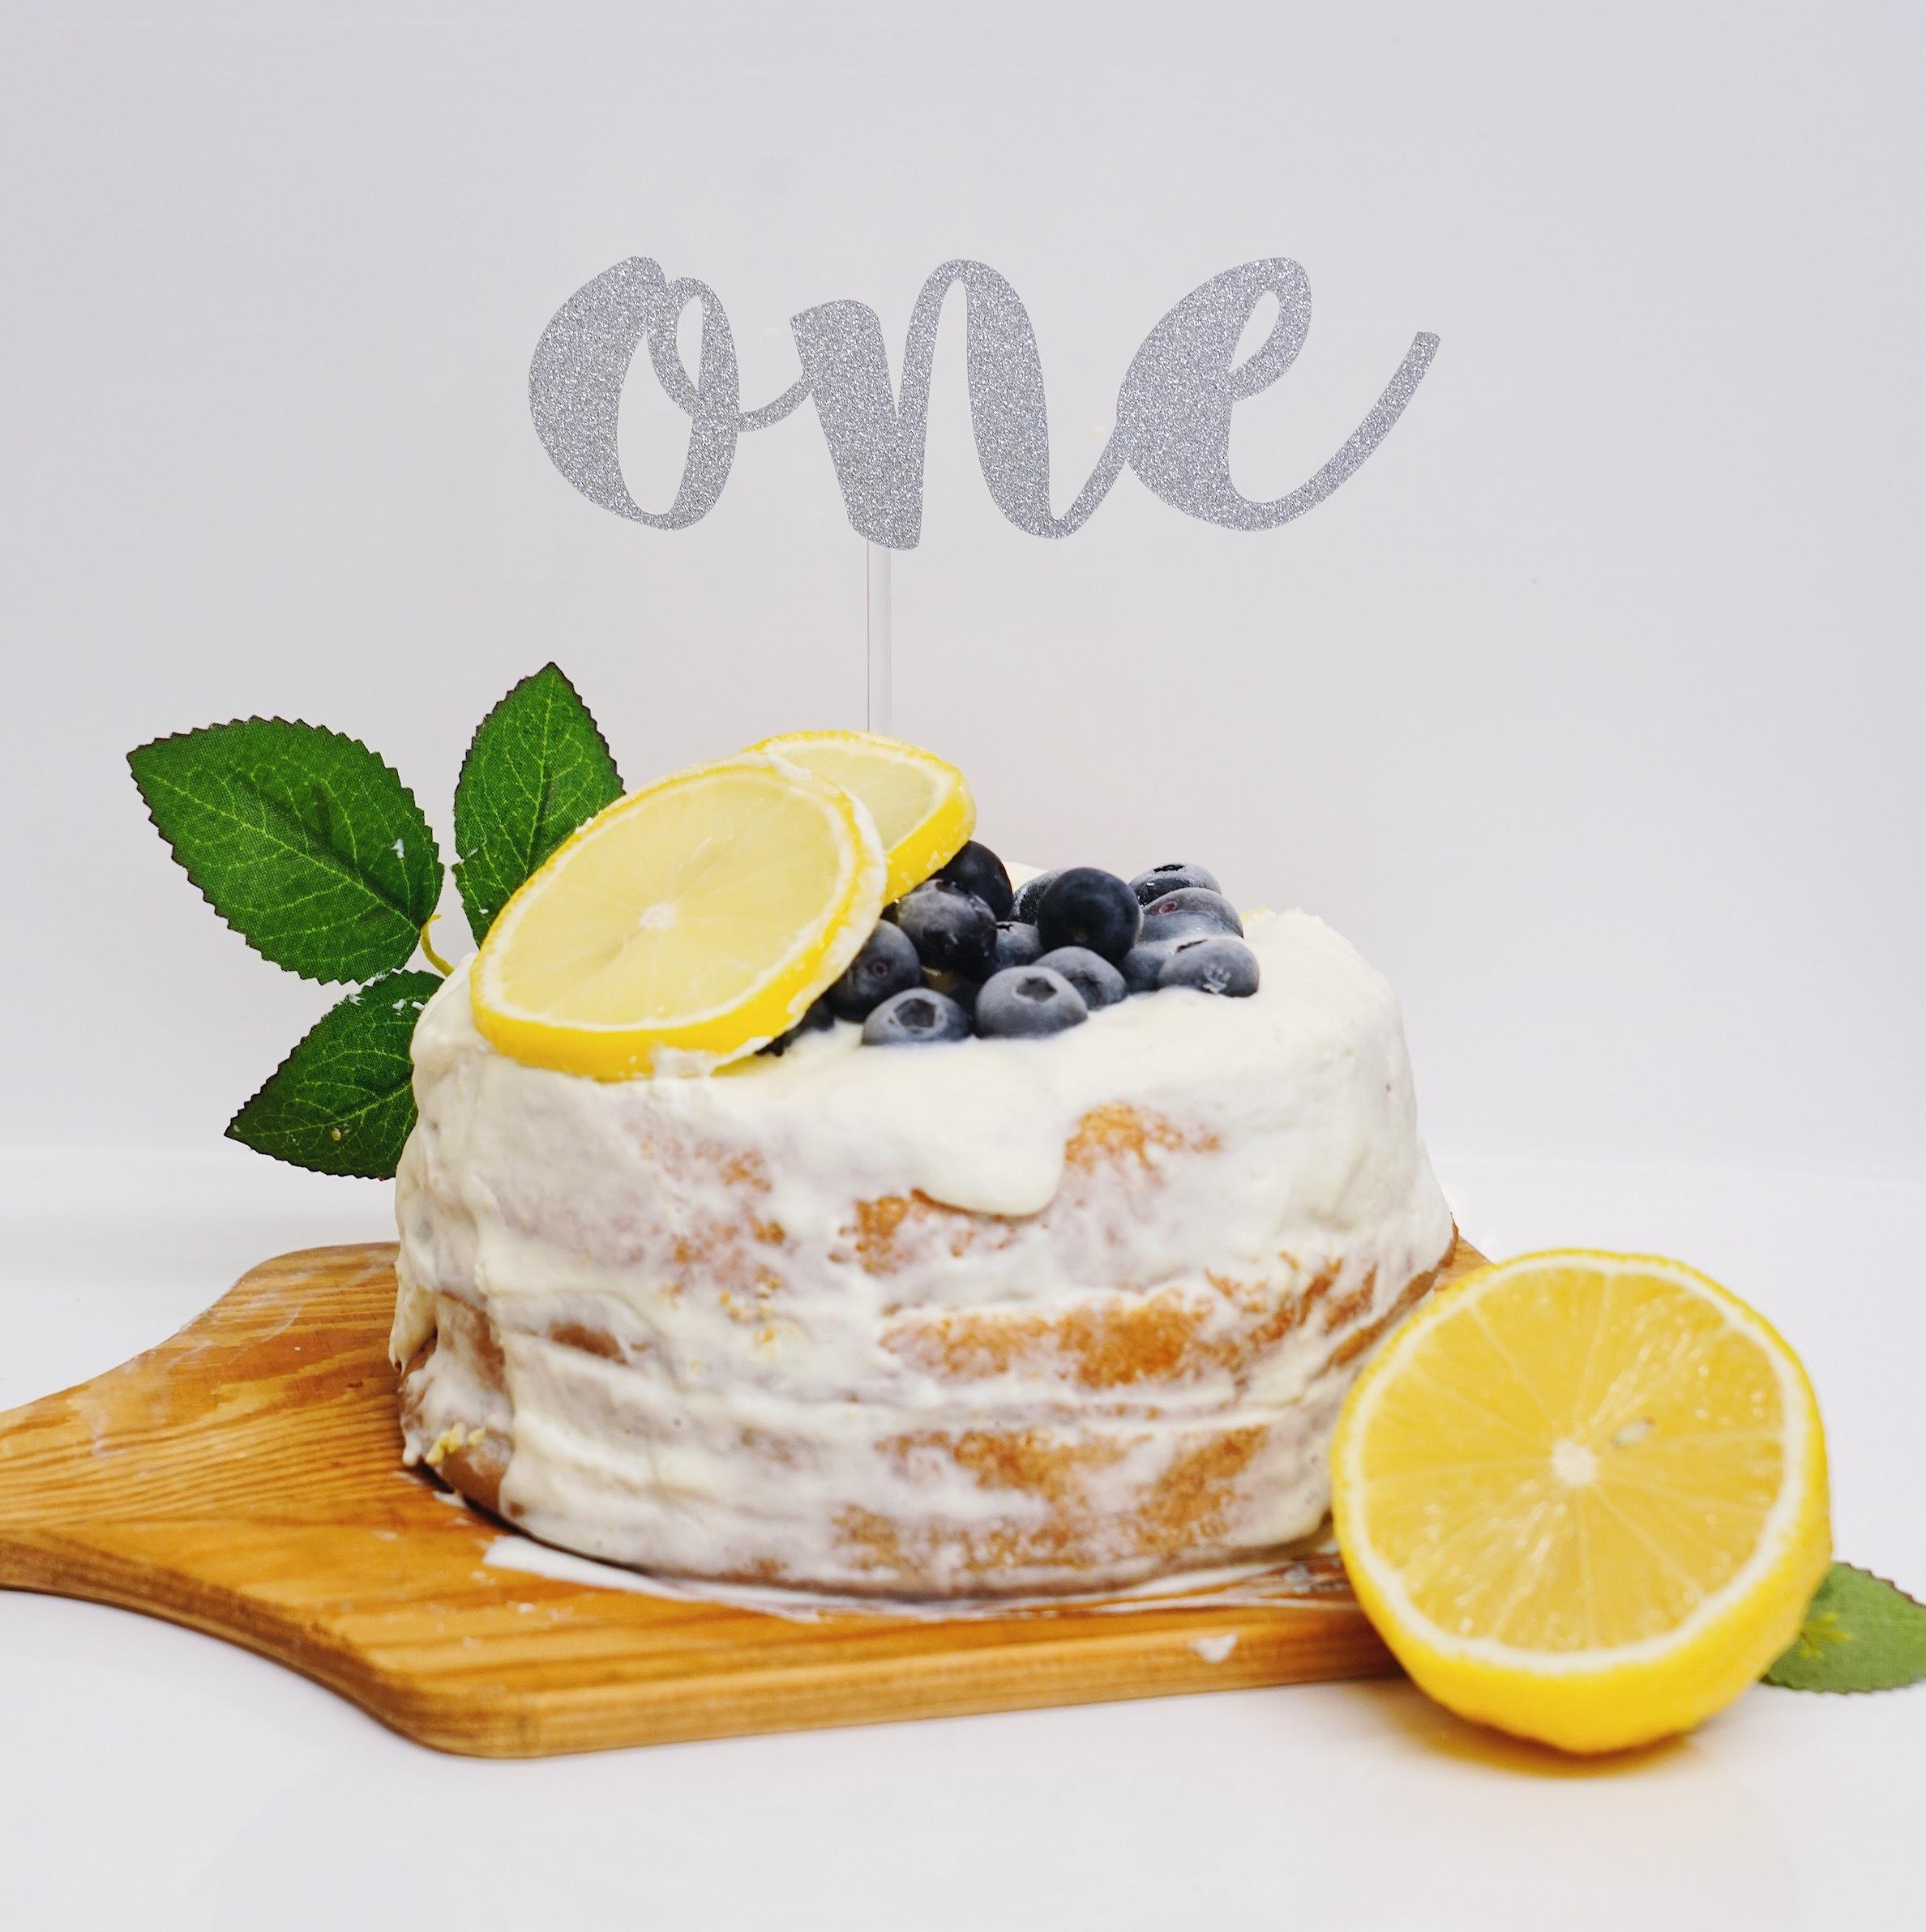 バースデーケーキトッパー(L・グリッターシルバー・名前なし)誕生日 飾り付け